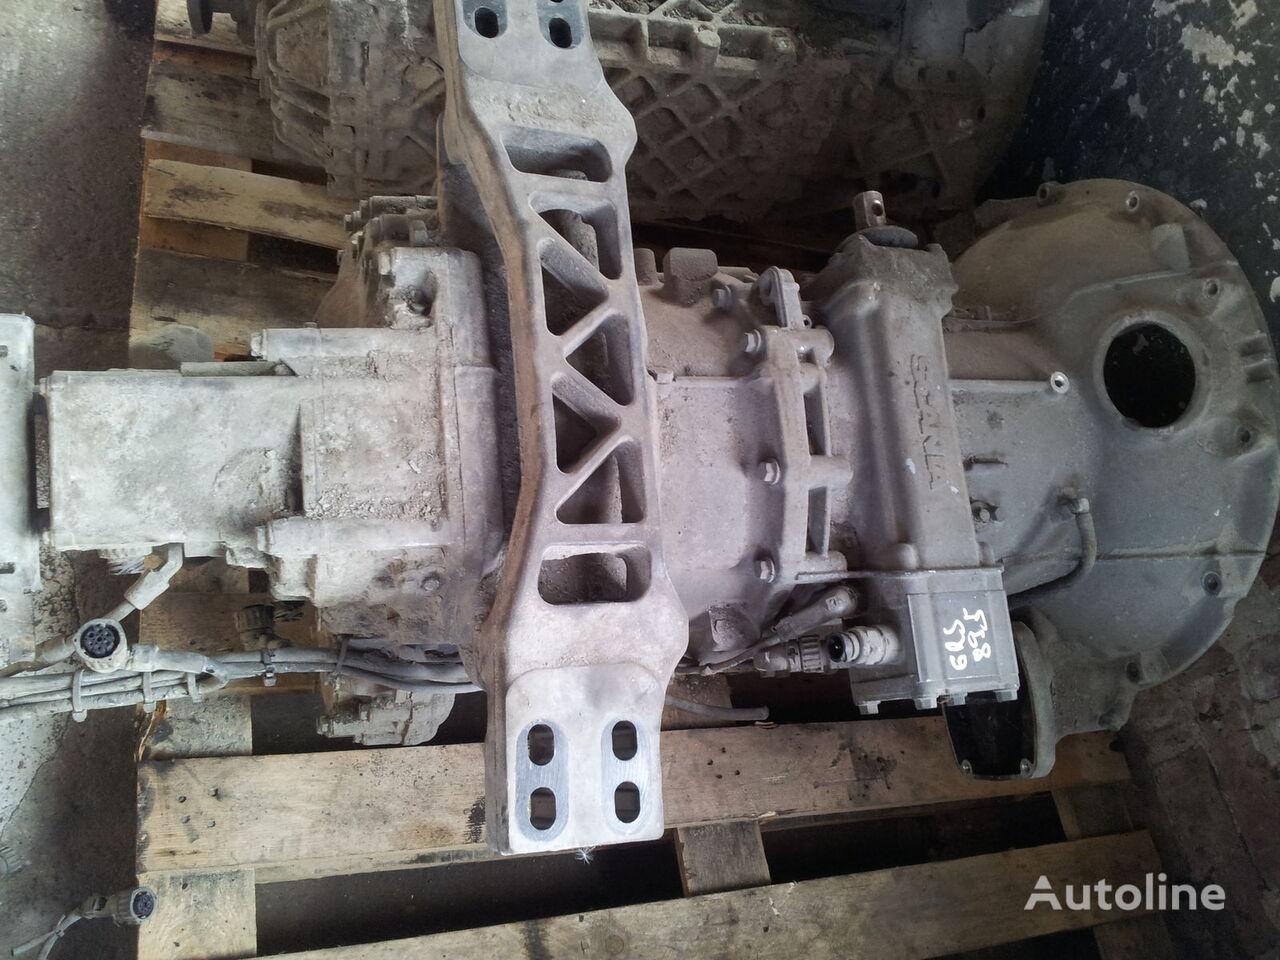 SCANIA T, P, G, R, series gearbox EURO 5, EURO 6, emission GRS895, GRS  mjenjač za SCANIA R, P, G, T series tegljača